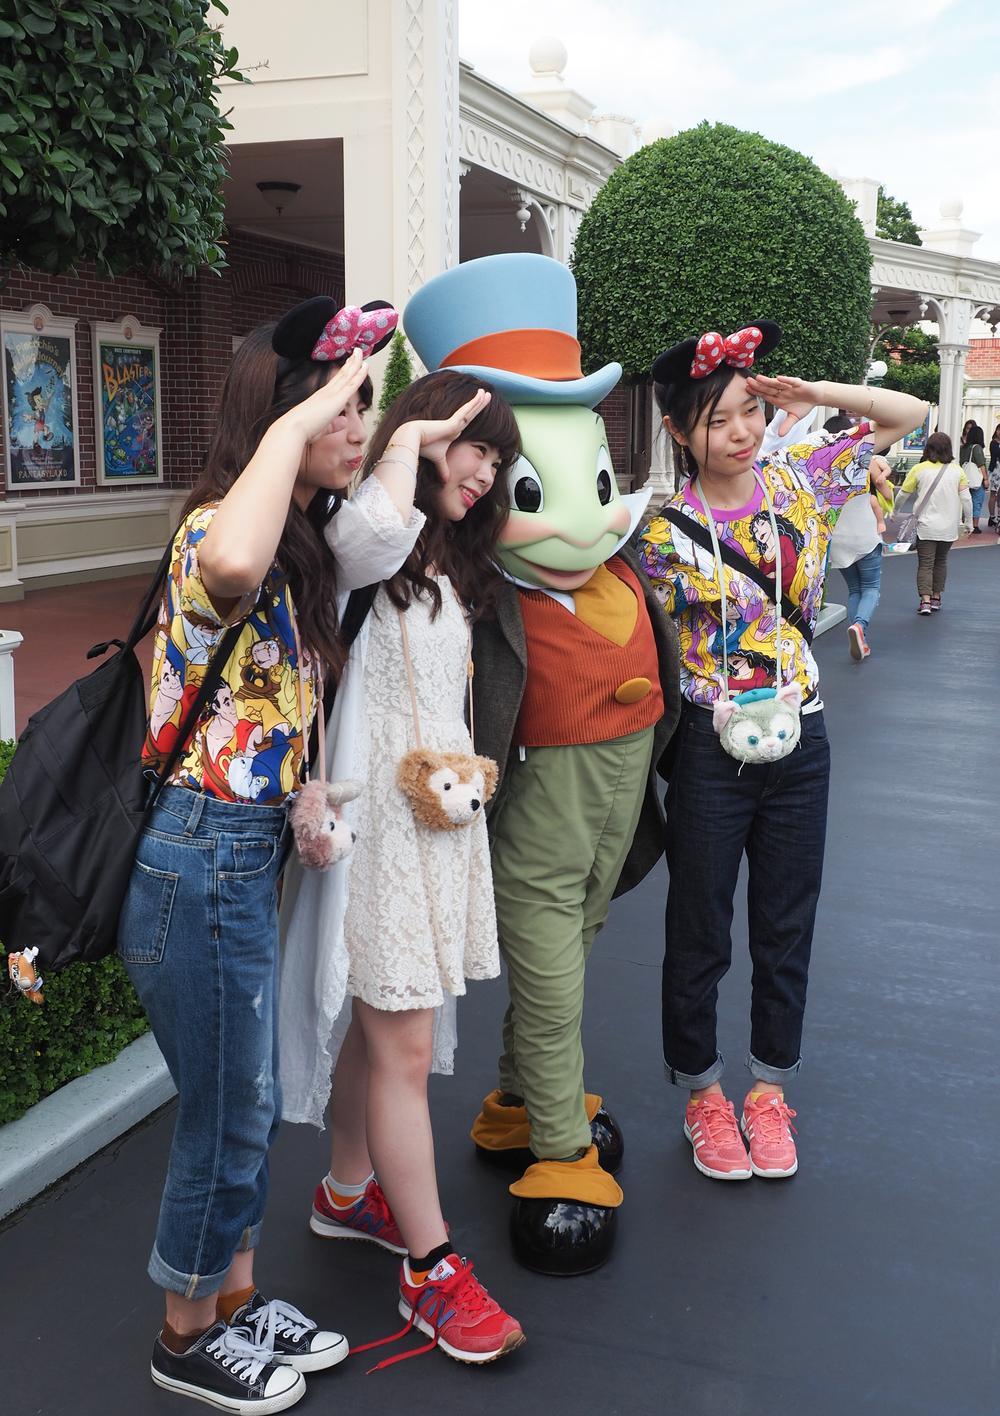 So many Disney shirts